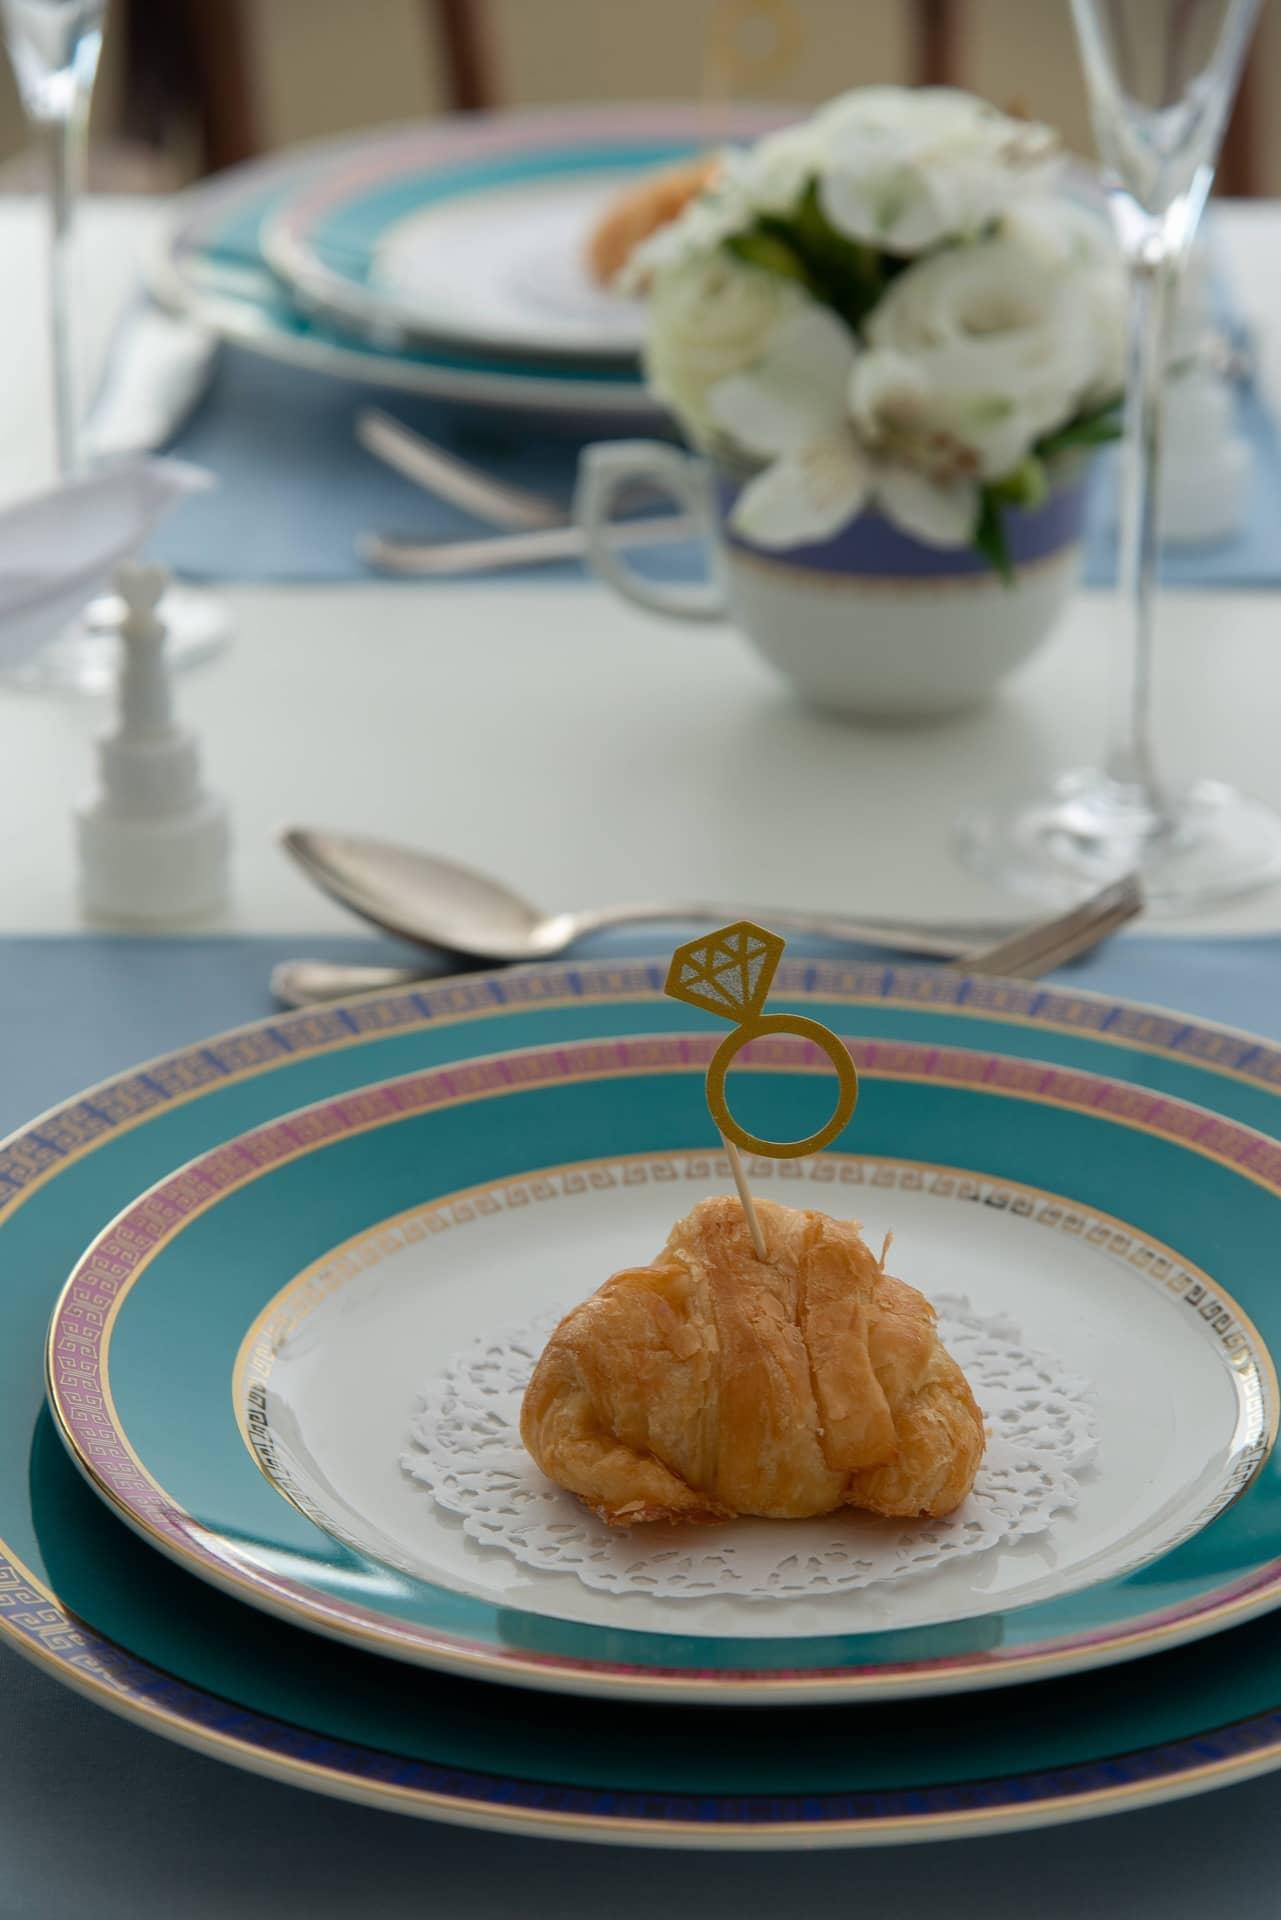 Imagem: Sobre cada prato de sobremesa, da coleçãoFlamingo Joia Brasileira da Oxford Porcelanas, vai um mini croissant enfeitado com um anel de noivado estilizado, da Rica Festa. Embaixo do pãozinho, uma toalhinha de papel rendado dá acabamento ao mimo. Foto: Cacá Bratke